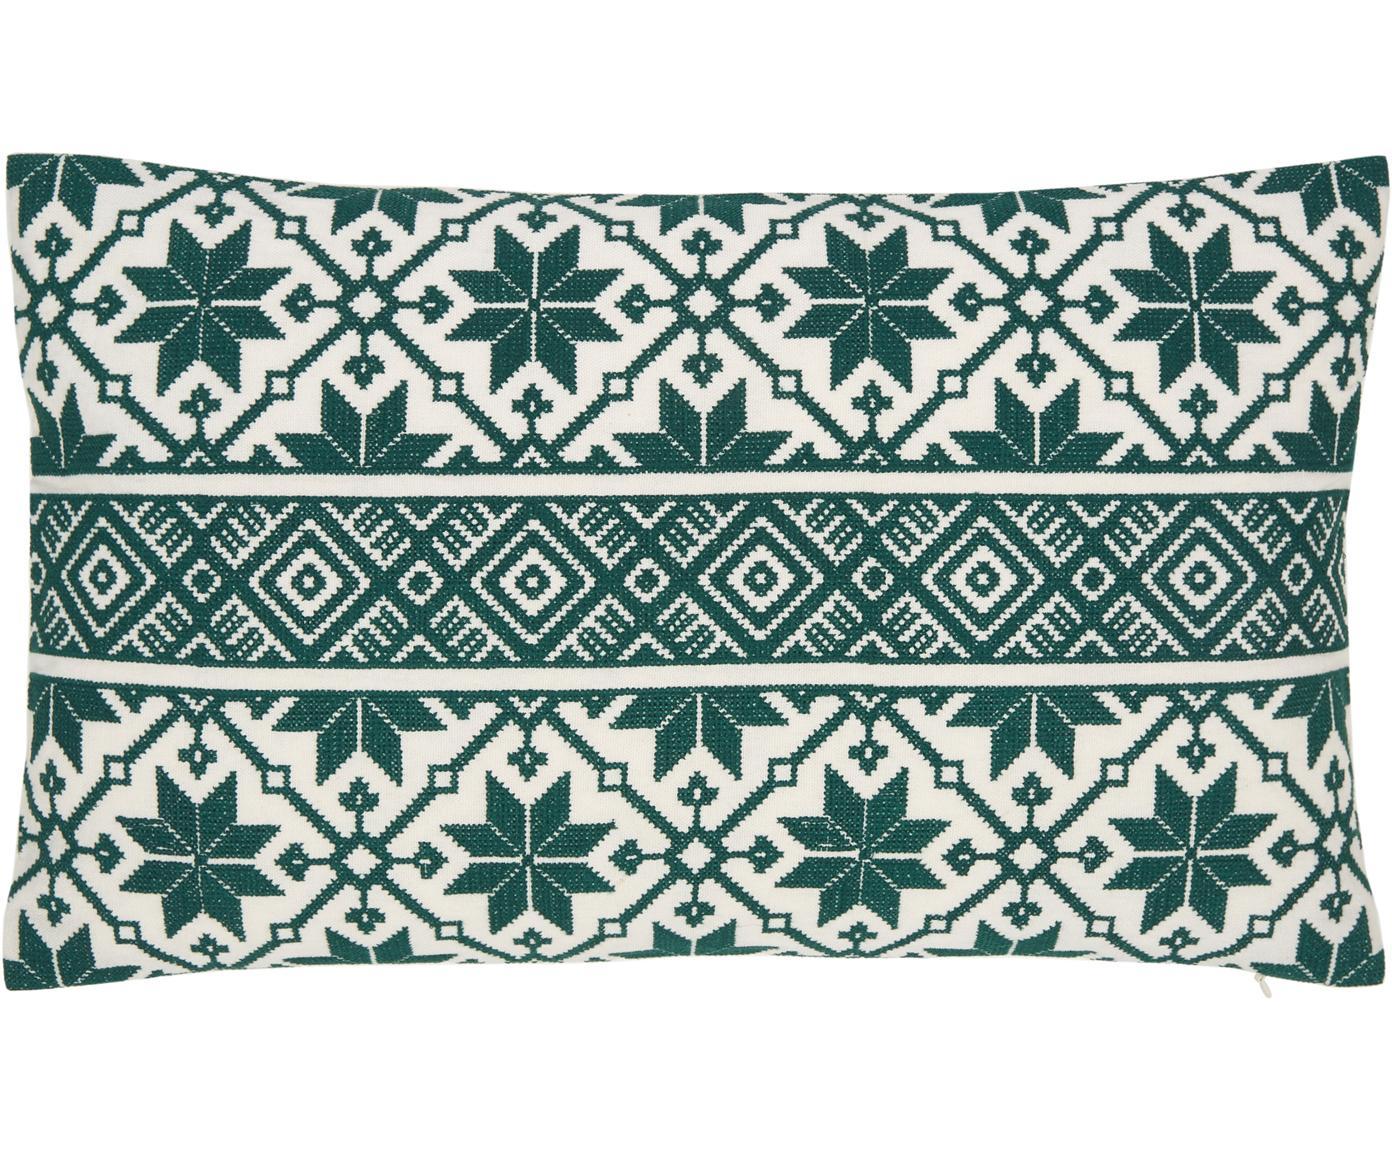 Bestickte Kissenhülle Shetland mit winterlichen Motiven, 100% Baumwolle, Grün, Cremeweiss, 30 x 50 cm